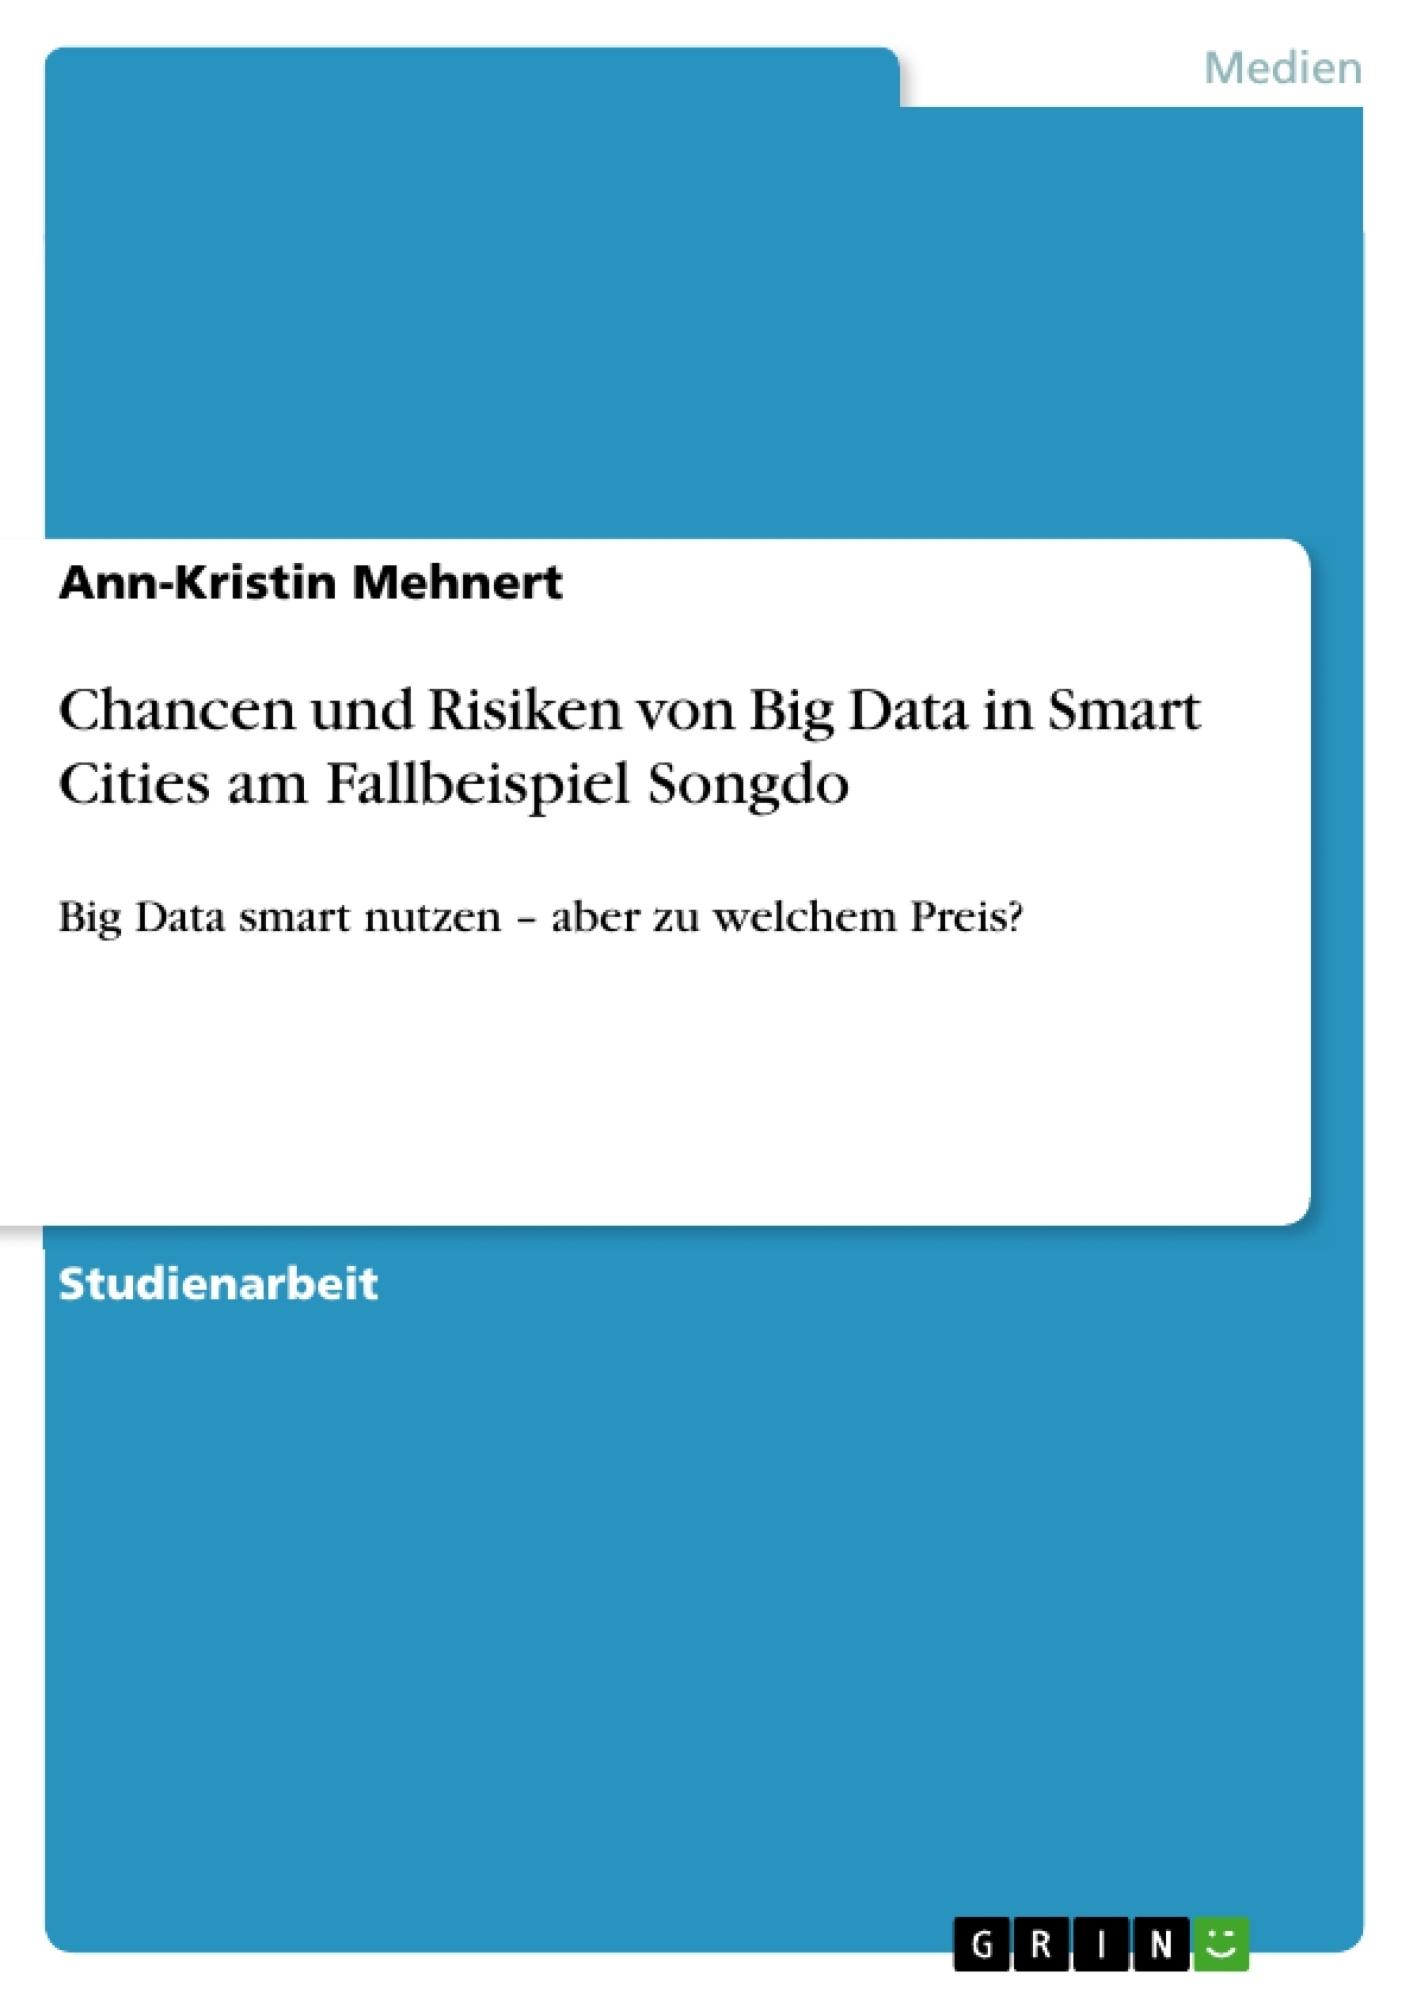 Titel: Chancen und Risiken von Big Data in Smart Cities am Fallbeispiel Songdo